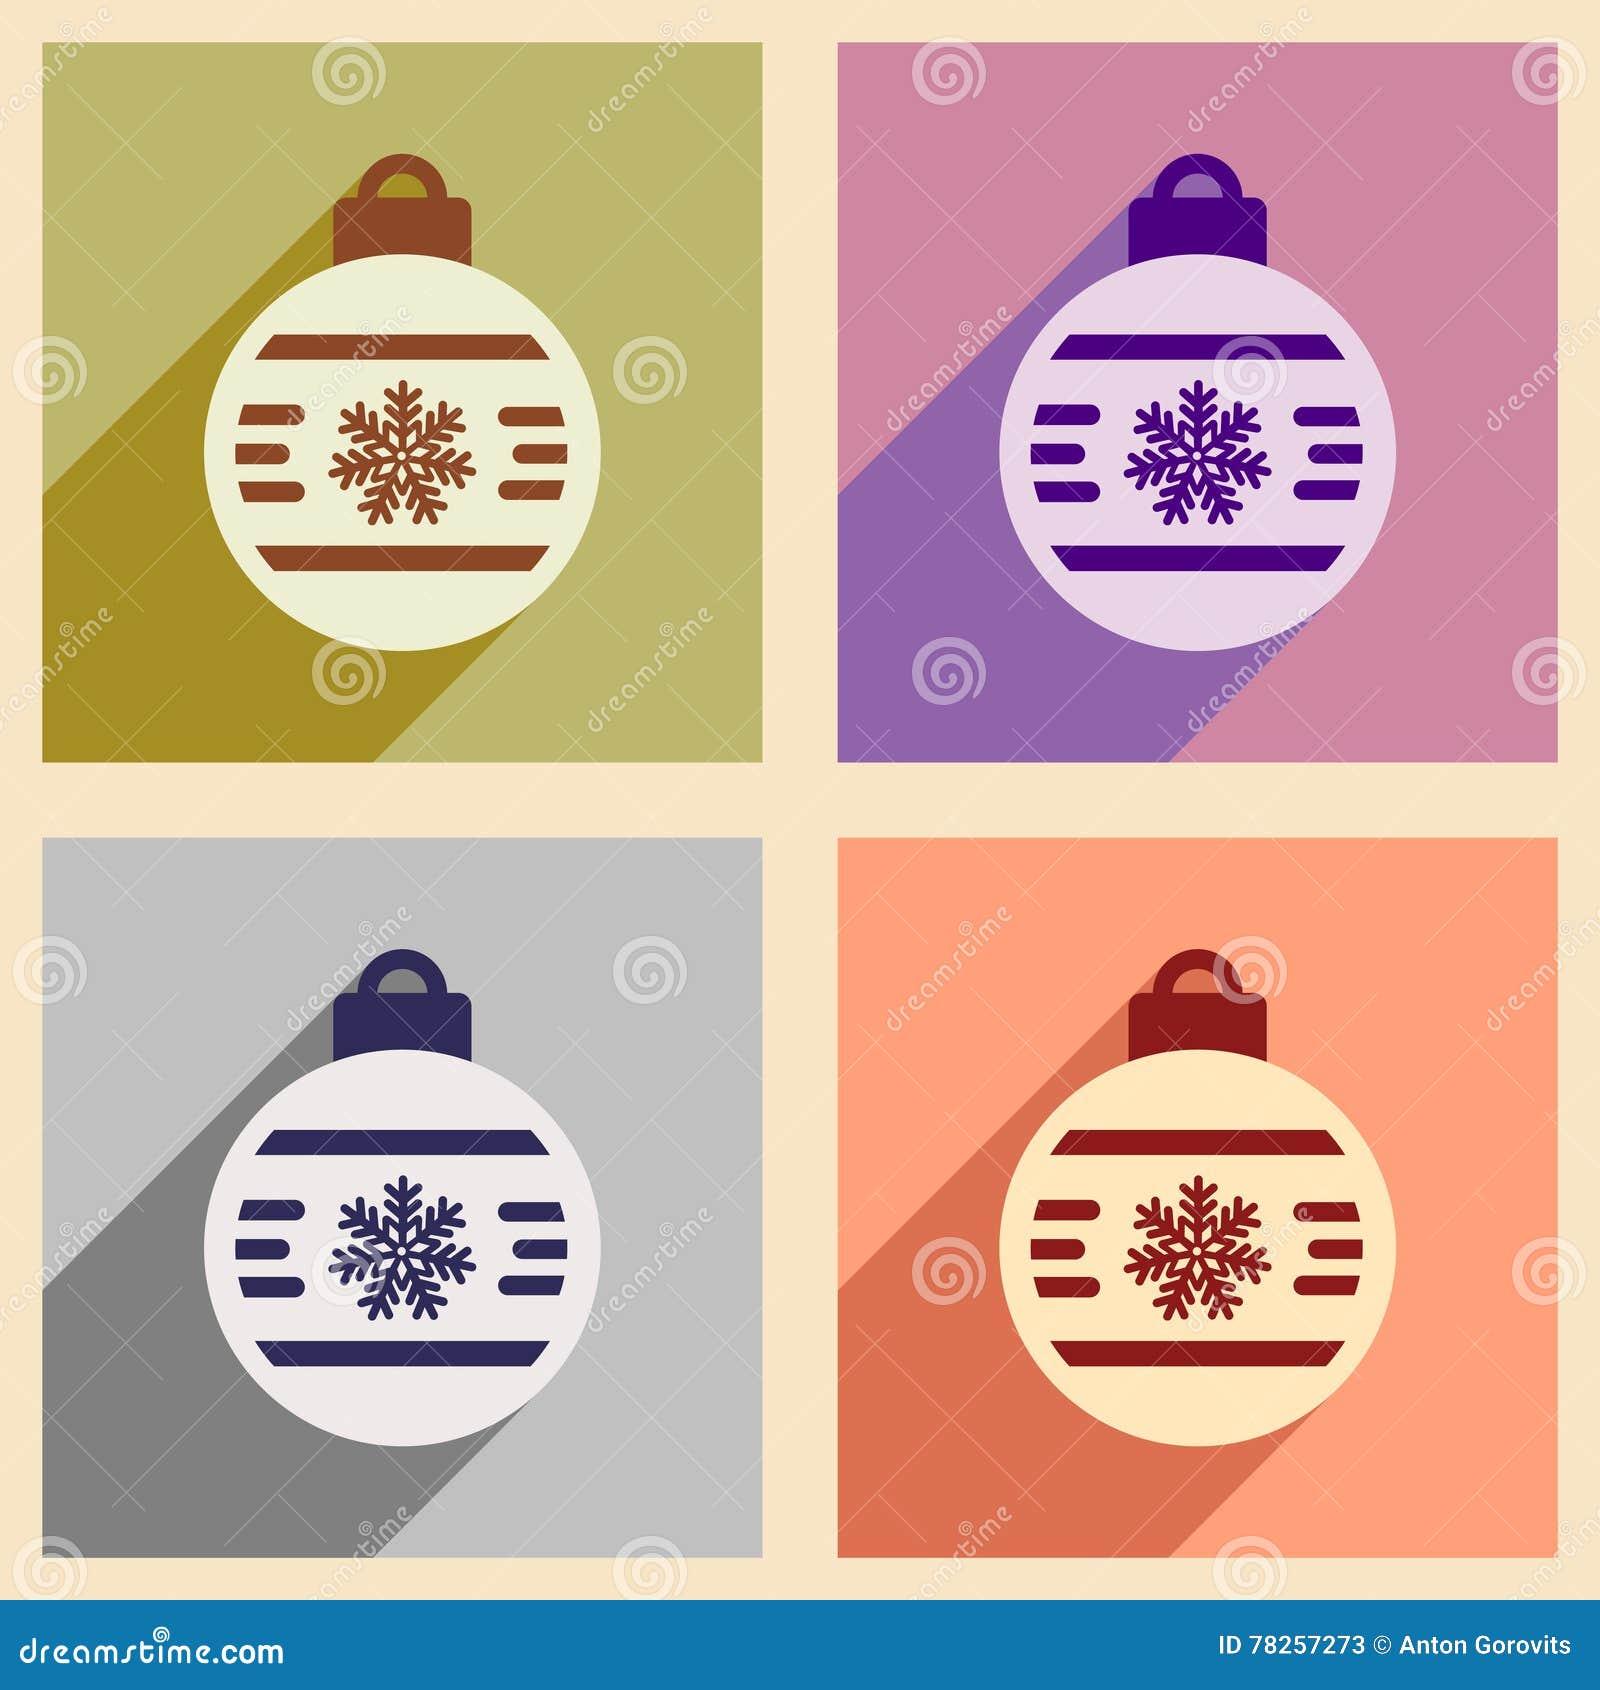 Σύνολο επίπεδων εικονιδίων με τις μακριές σφαίρες Χριστουγέννων σκιών